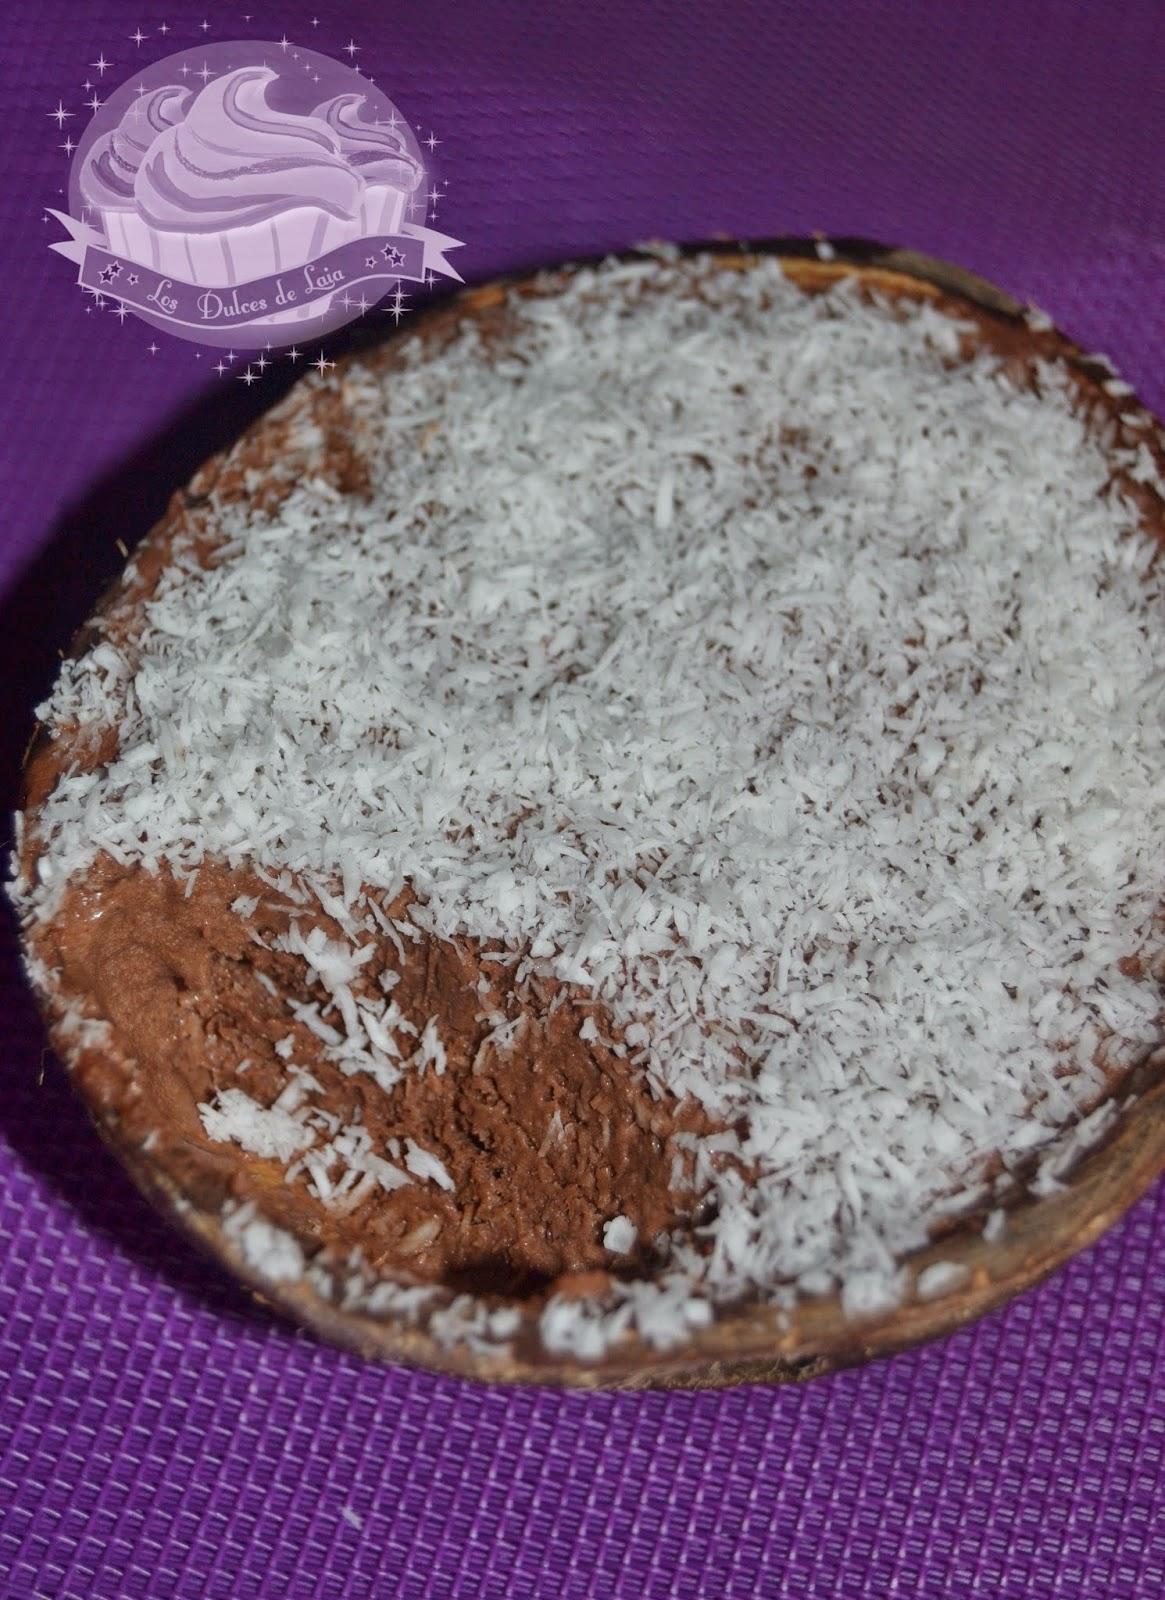 Textura del helado de chocolate y coco